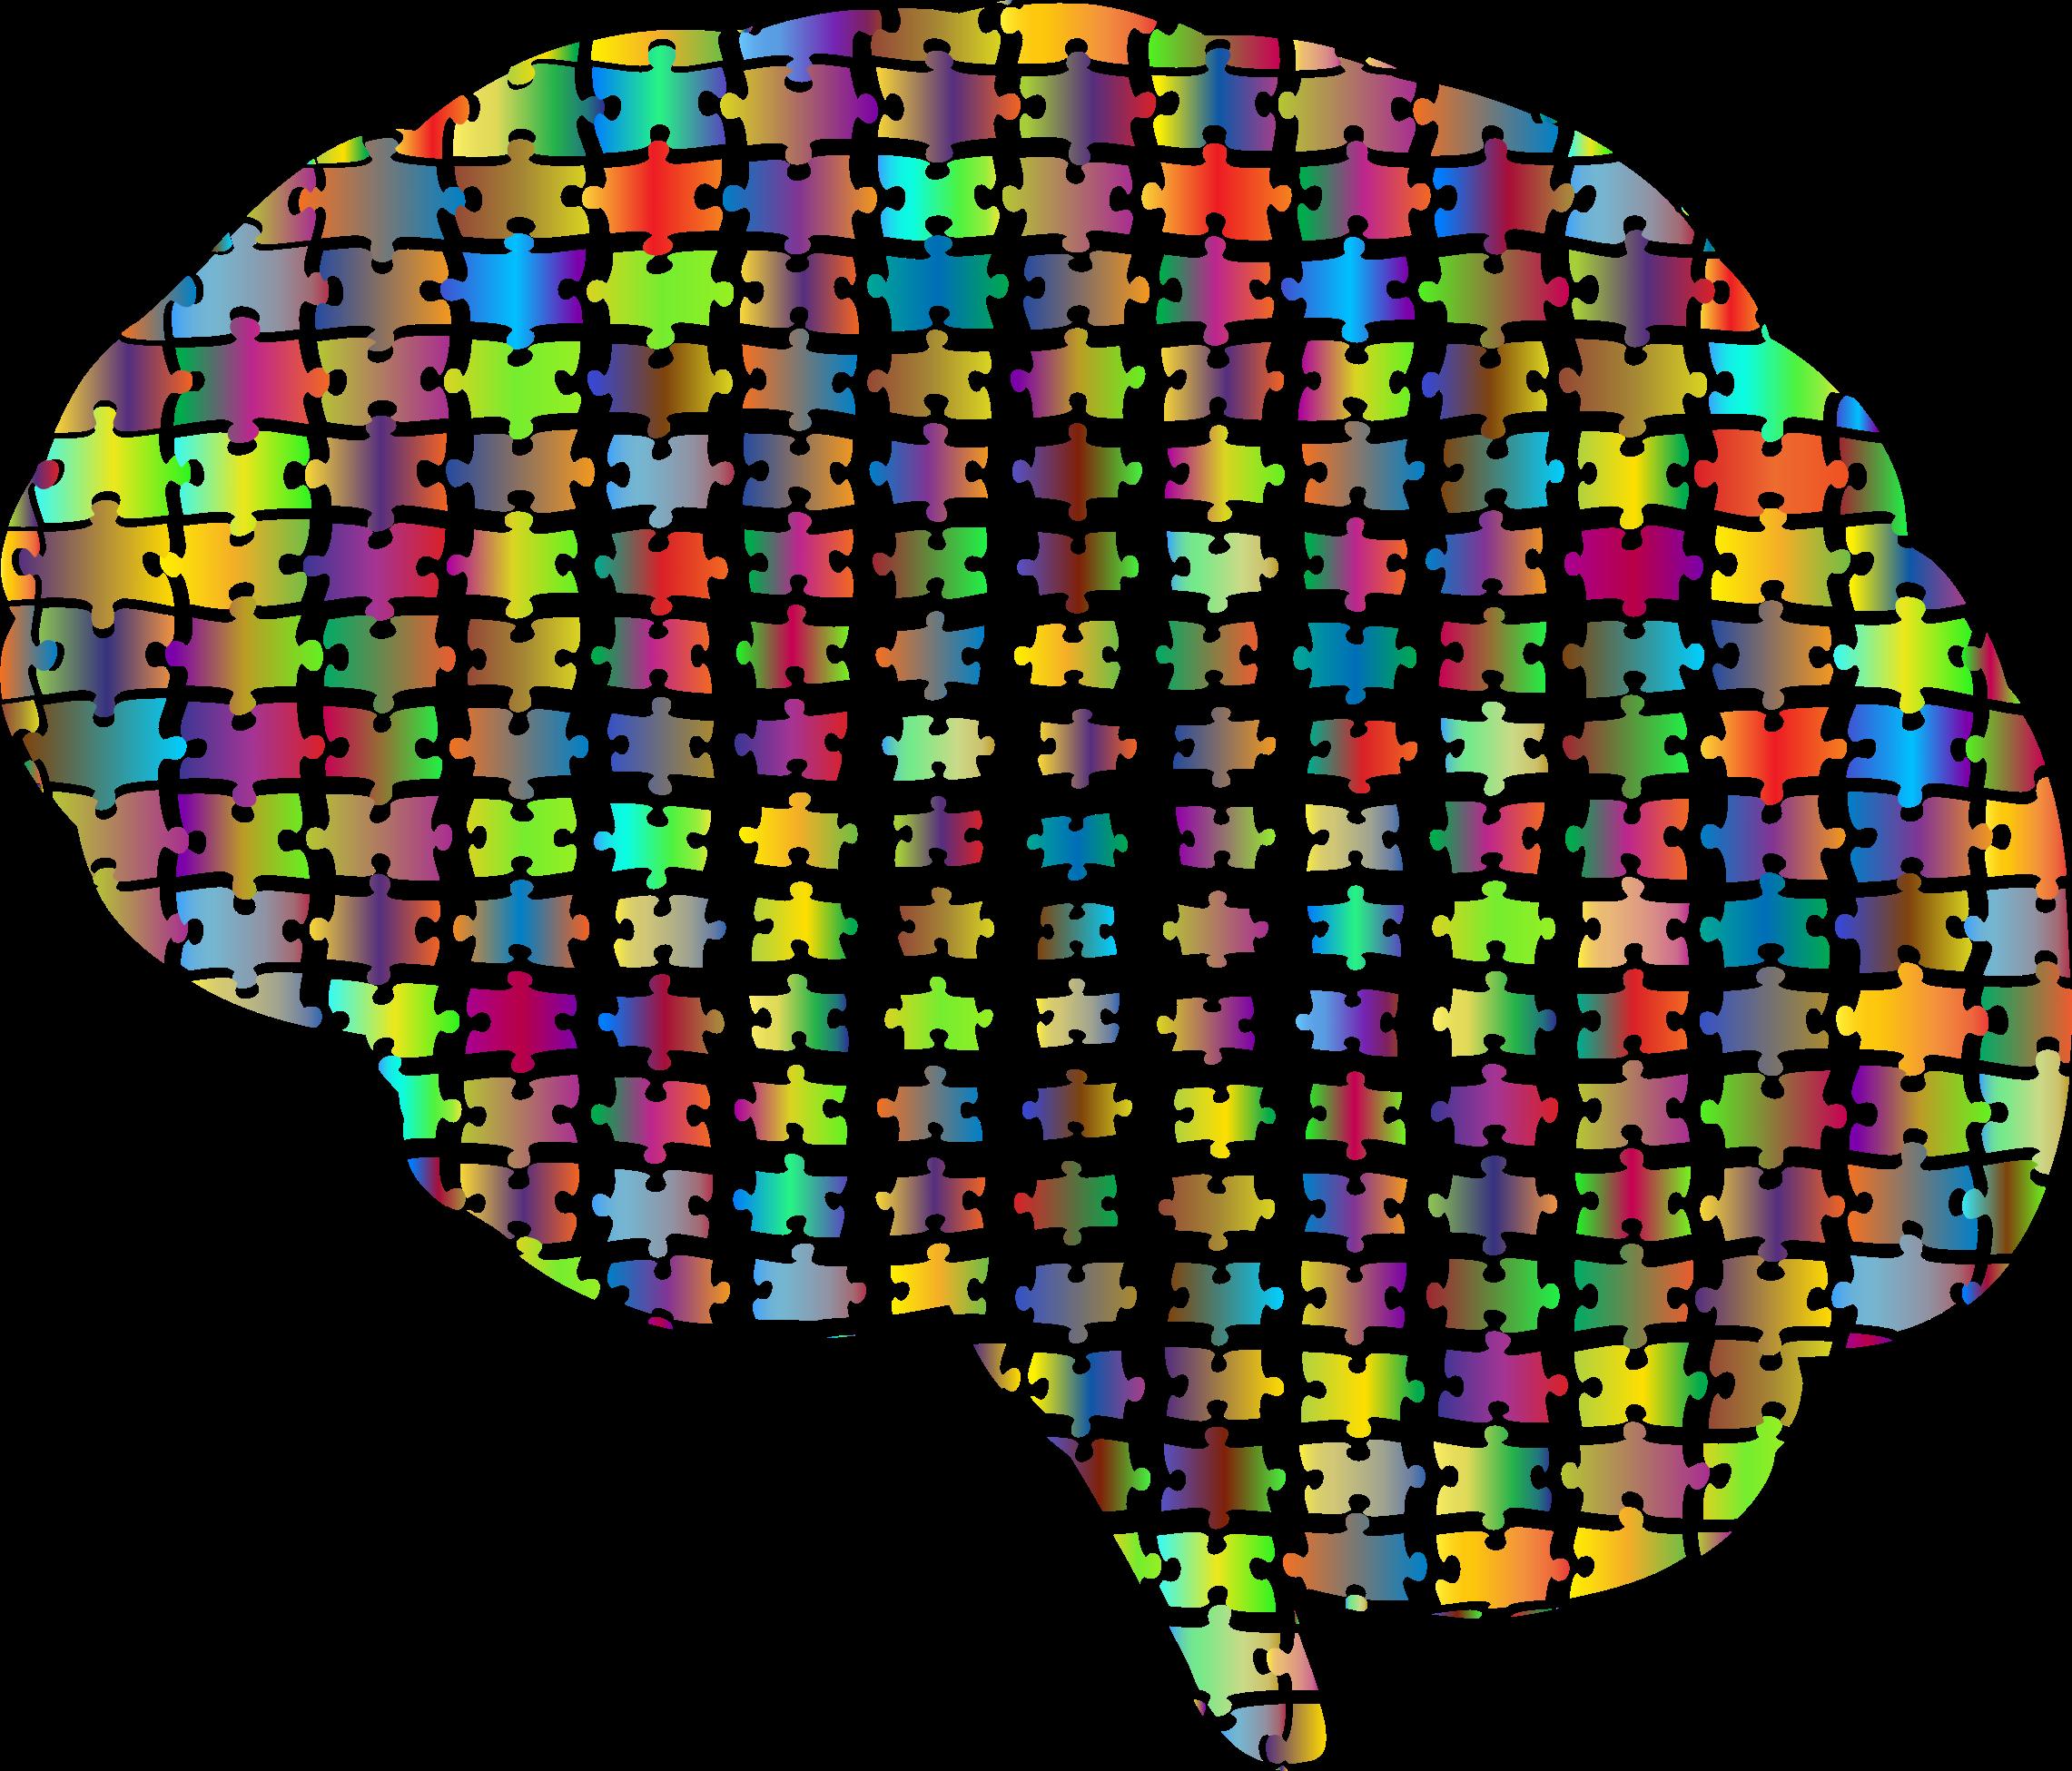 Gaps brain jigsaw prismatic. Psychology clipart puzzle head